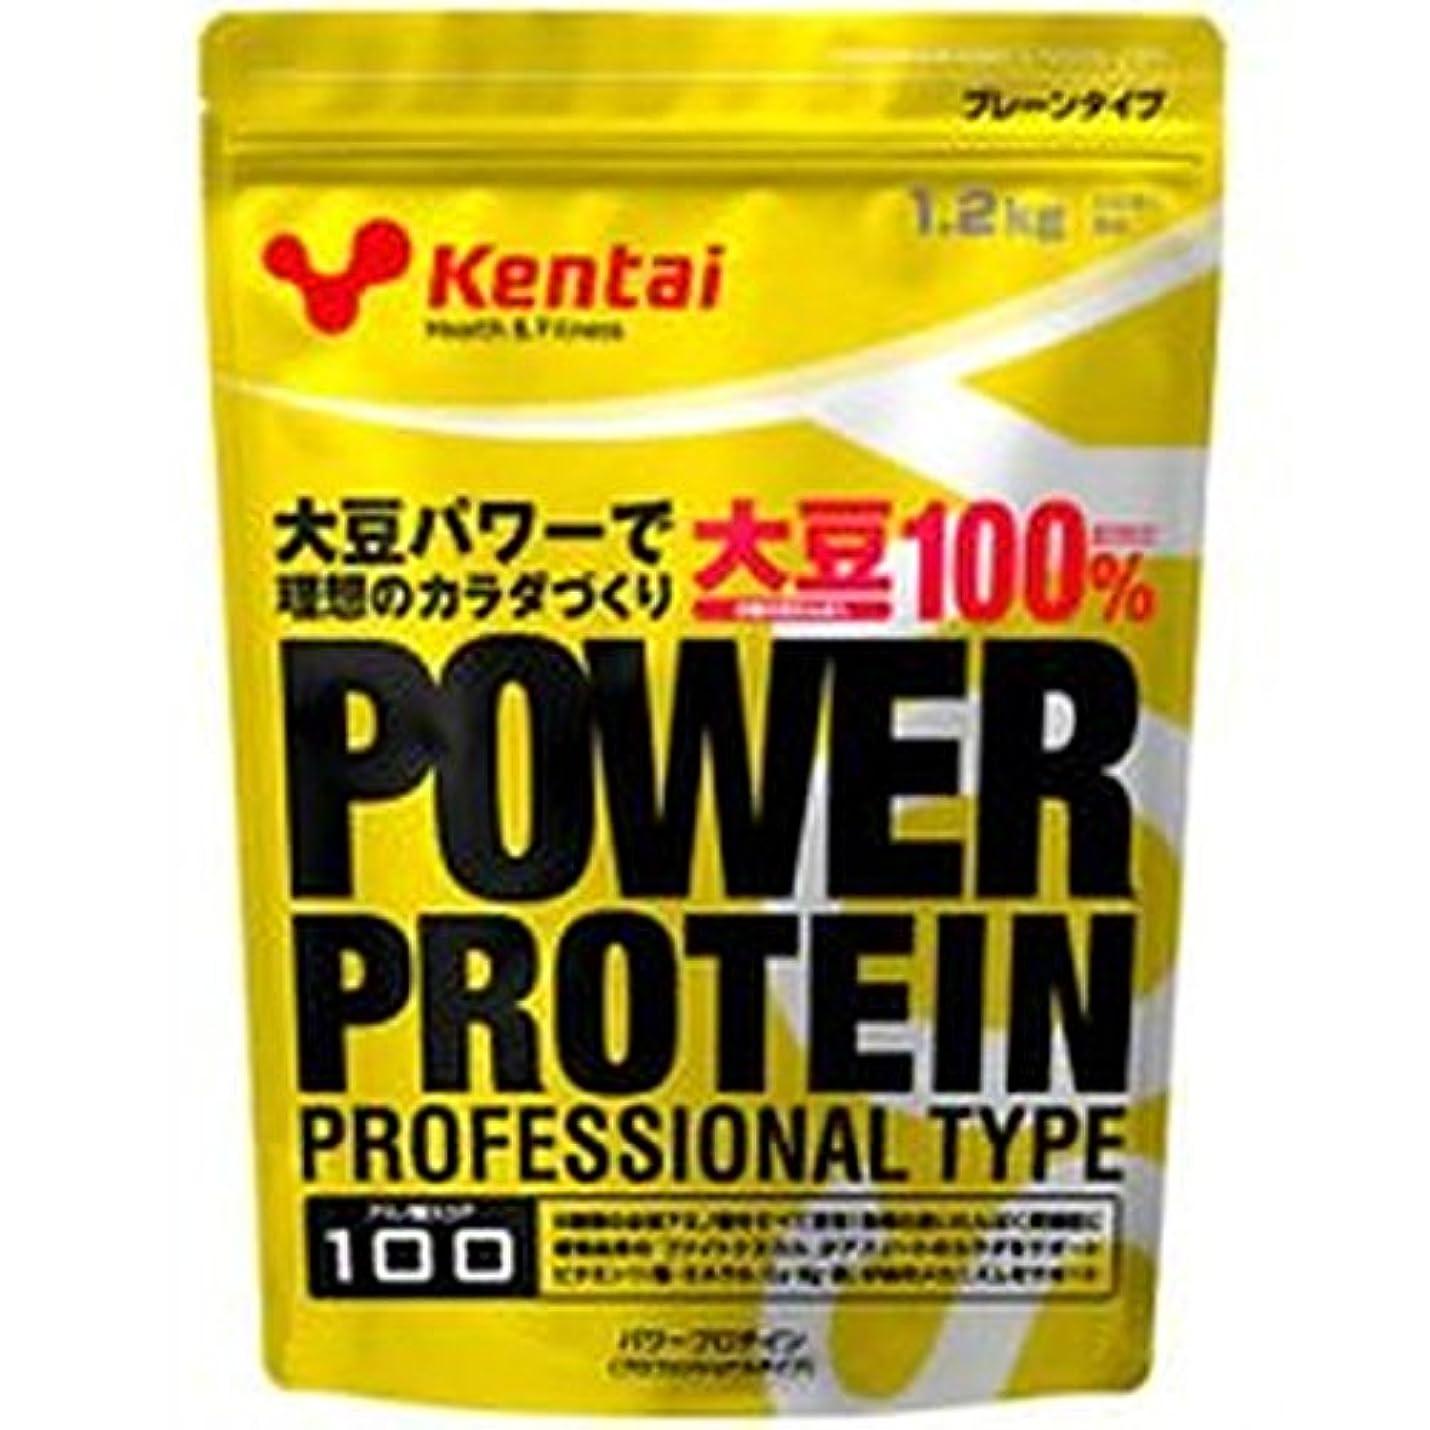 舌な不快なビクターKentai パワープロテイン プロフェッショナルタイプ プレーン1.2kg【2個セット】